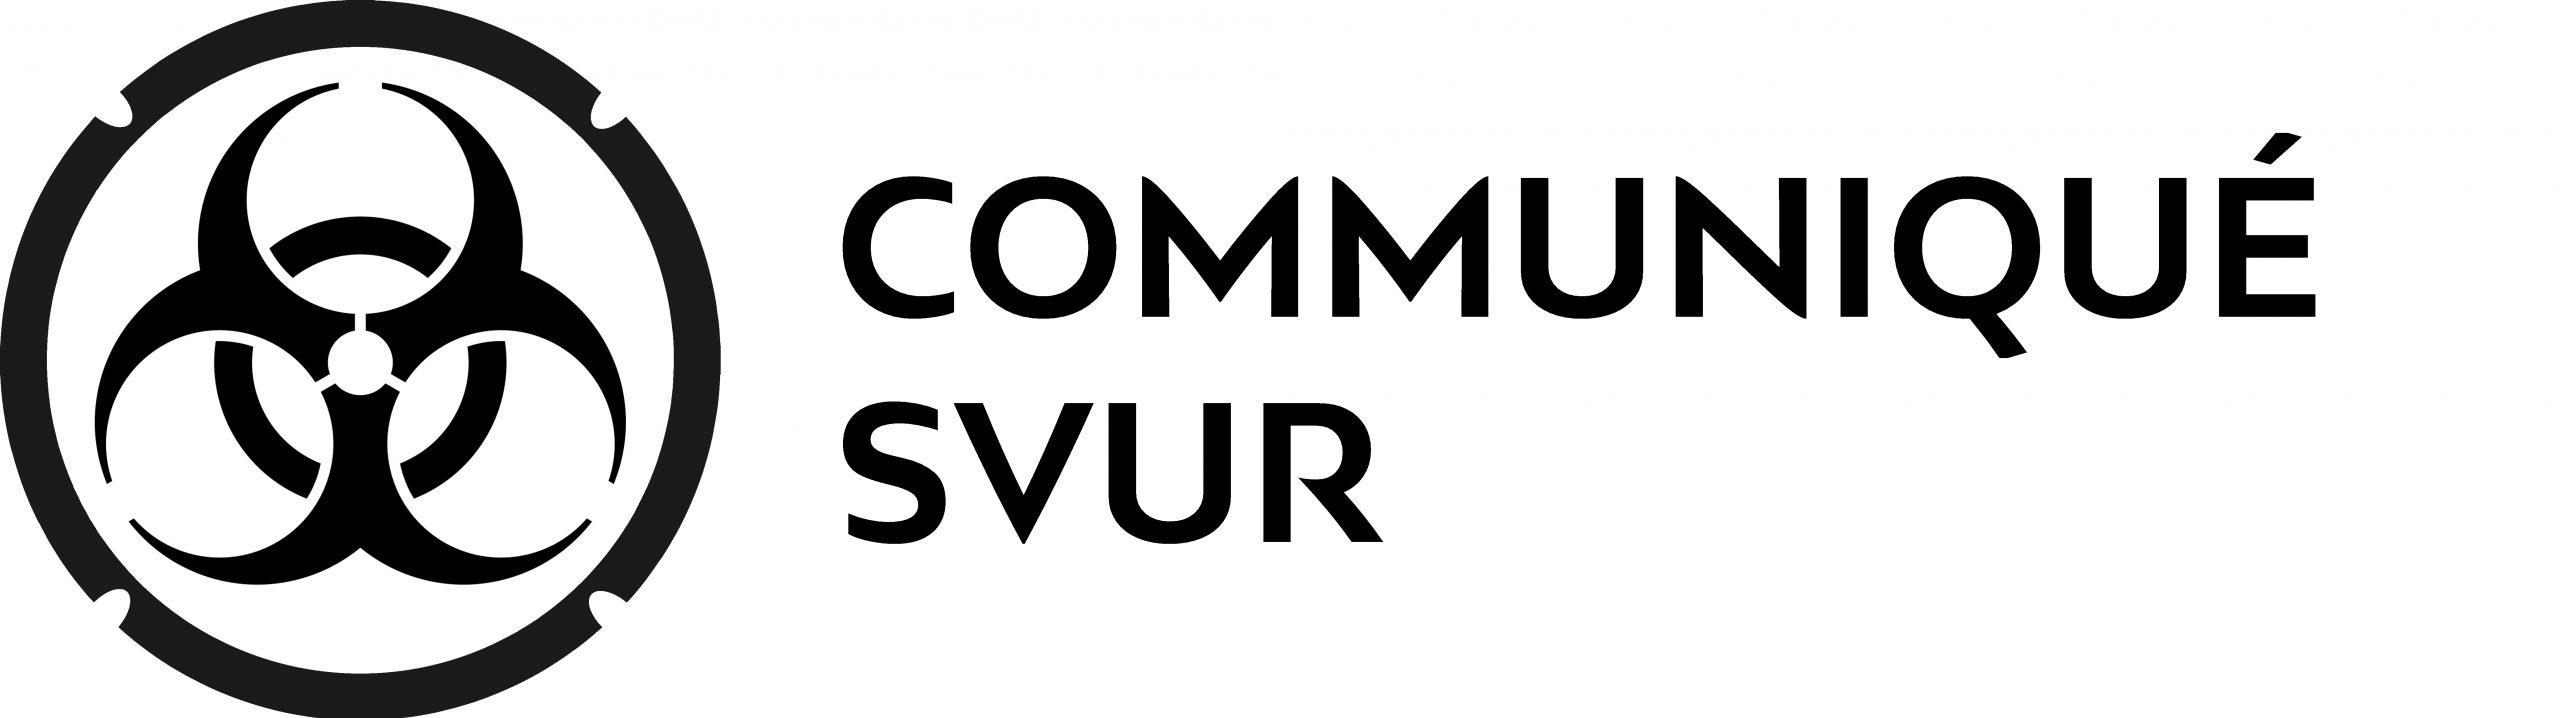 Communiqué SVUR